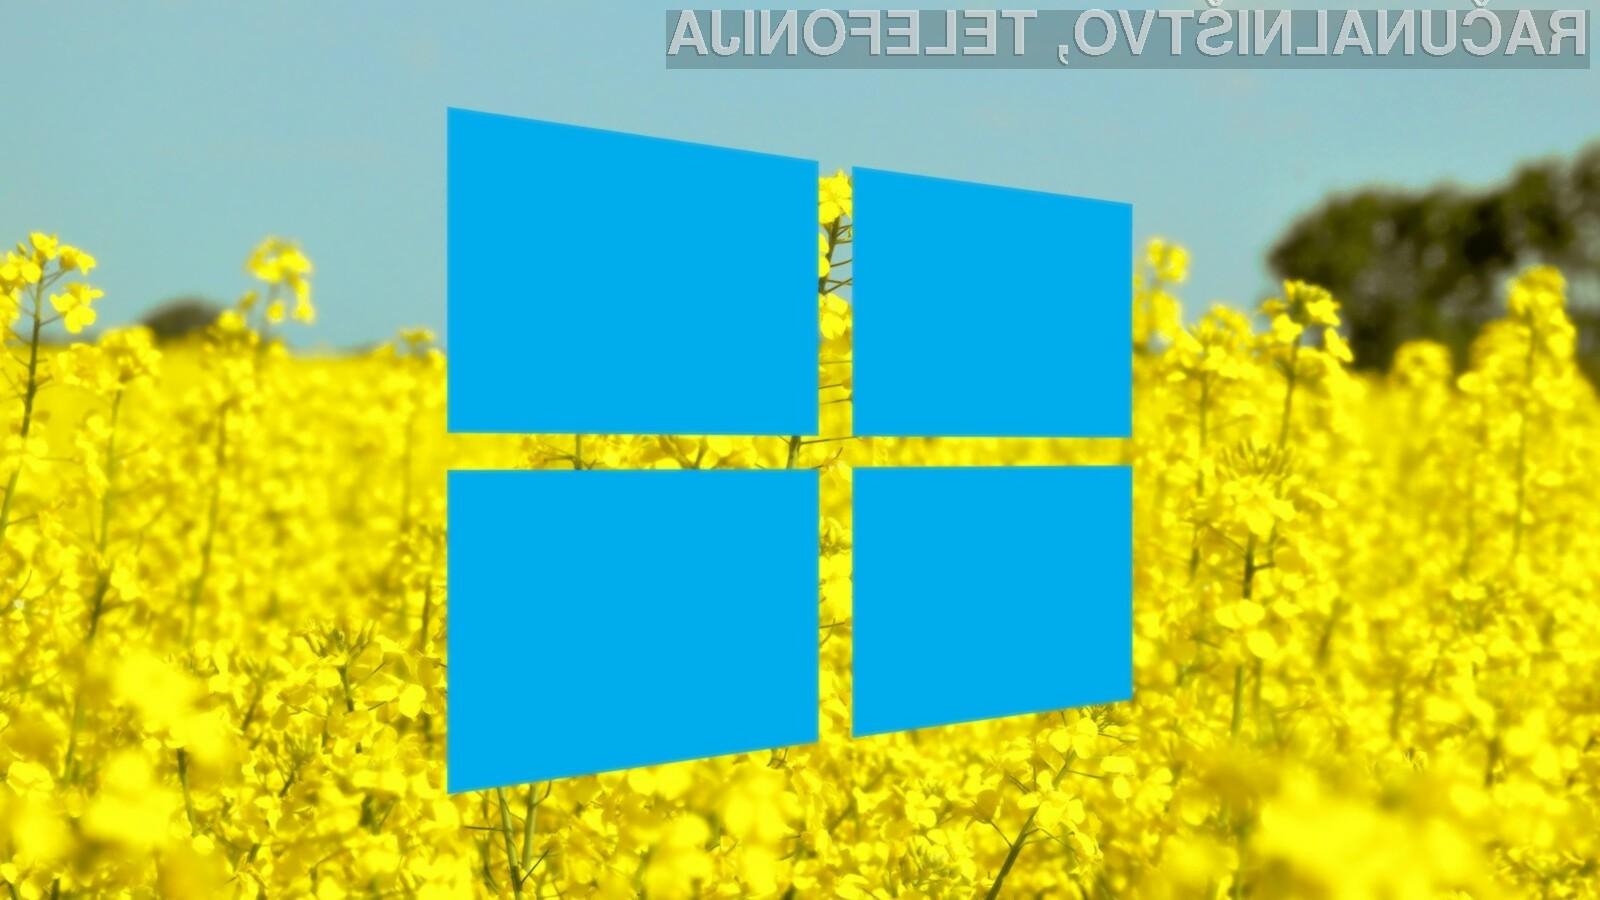 Posodobitev Windows 10 April 2018 Update bo opazno izboljšala uporabnost vašega računalnika!